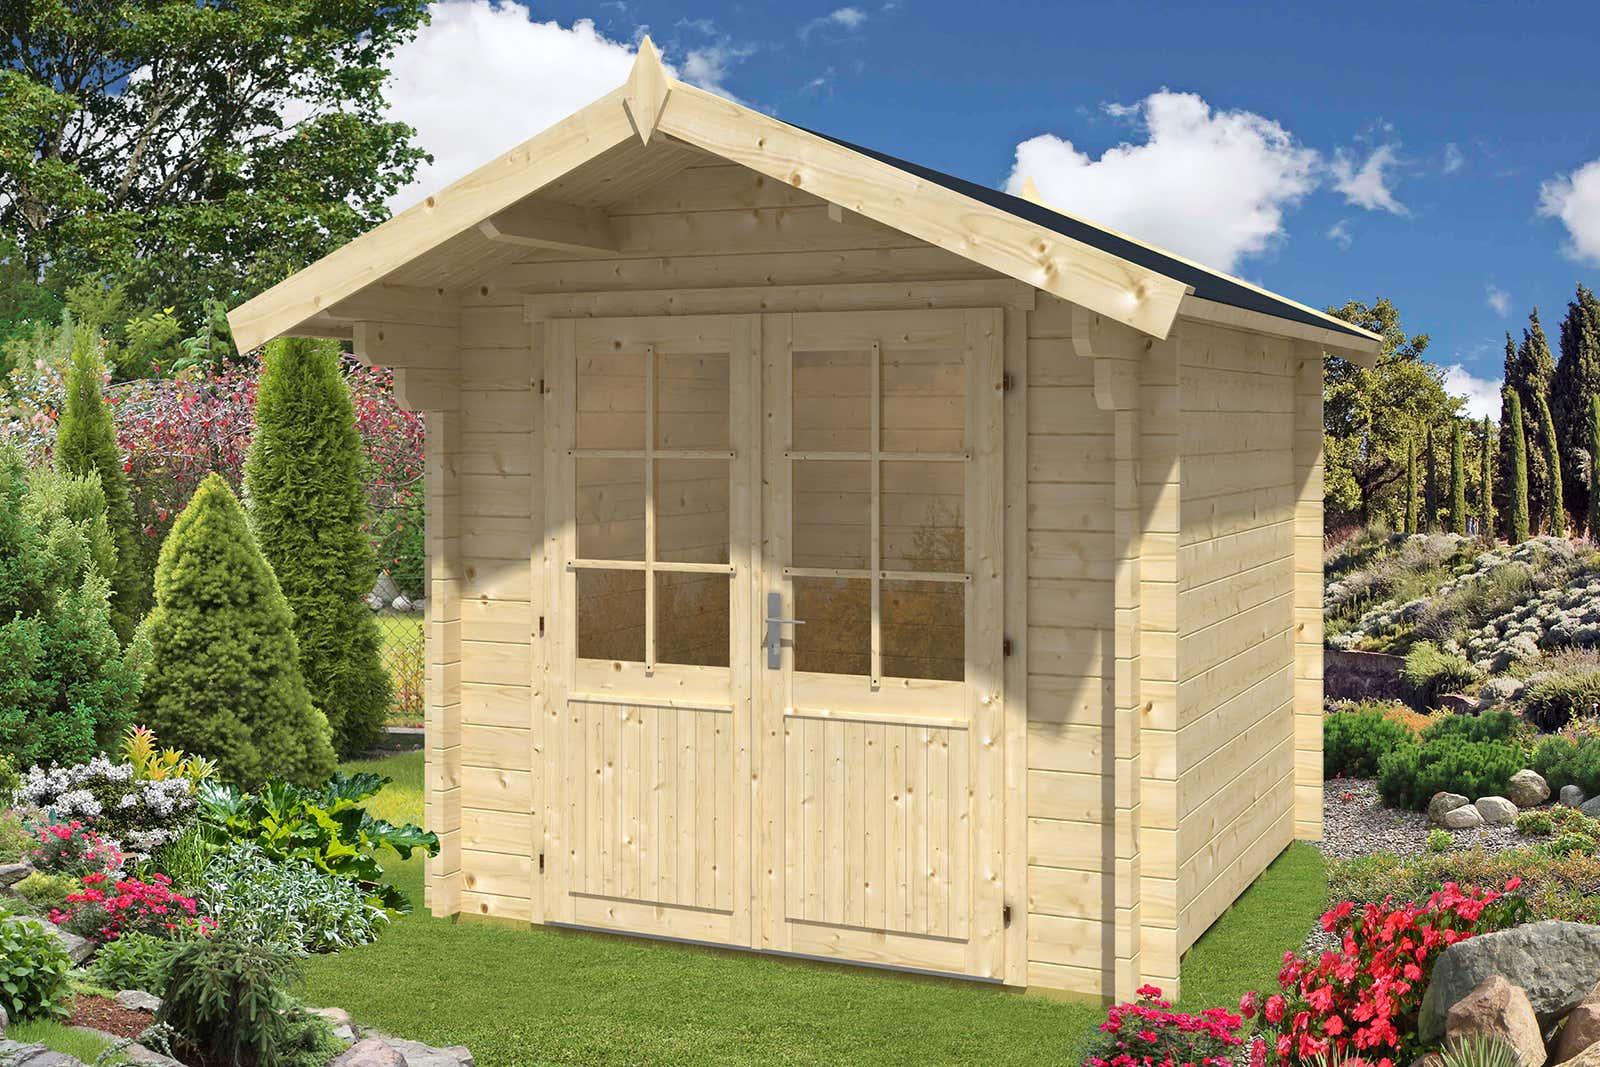 gartenhaus lena 44 iso gartenhaus lena 44 iso a z gartenhaus gmbh. Black Bedroom Furniture Sets. Home Design Ideas